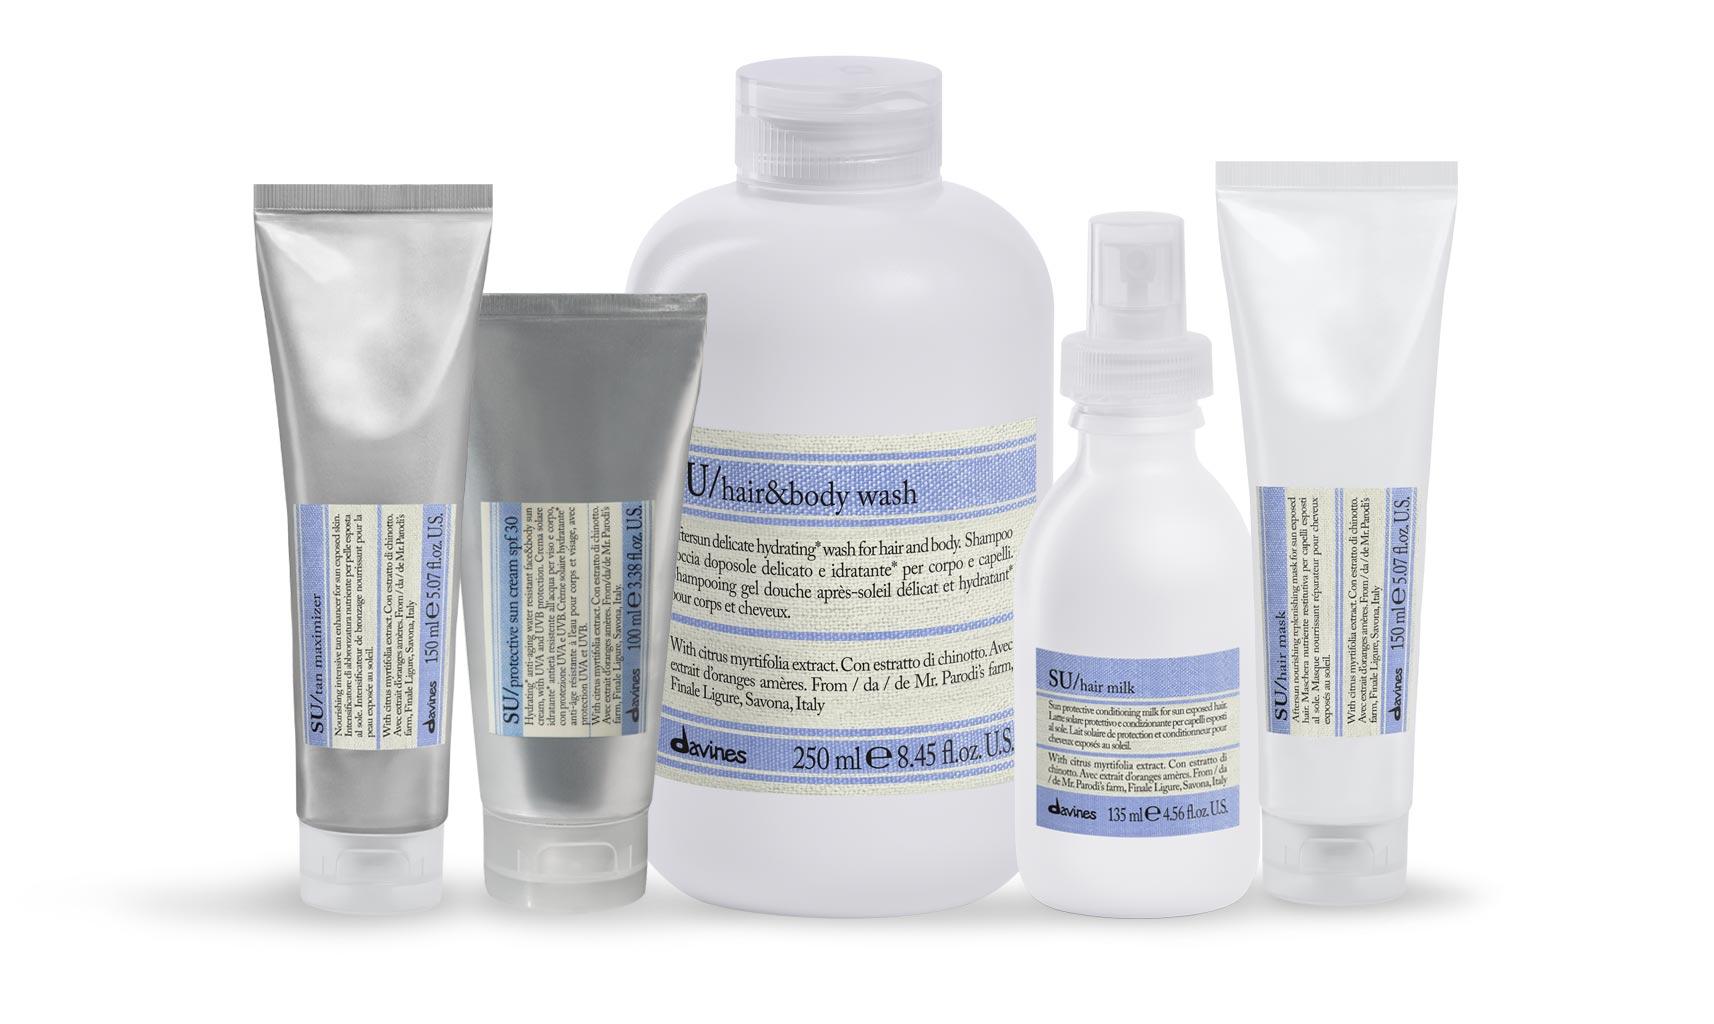 Solares: cuidados essenciais com a pele e cabelo indispensáveis Verão